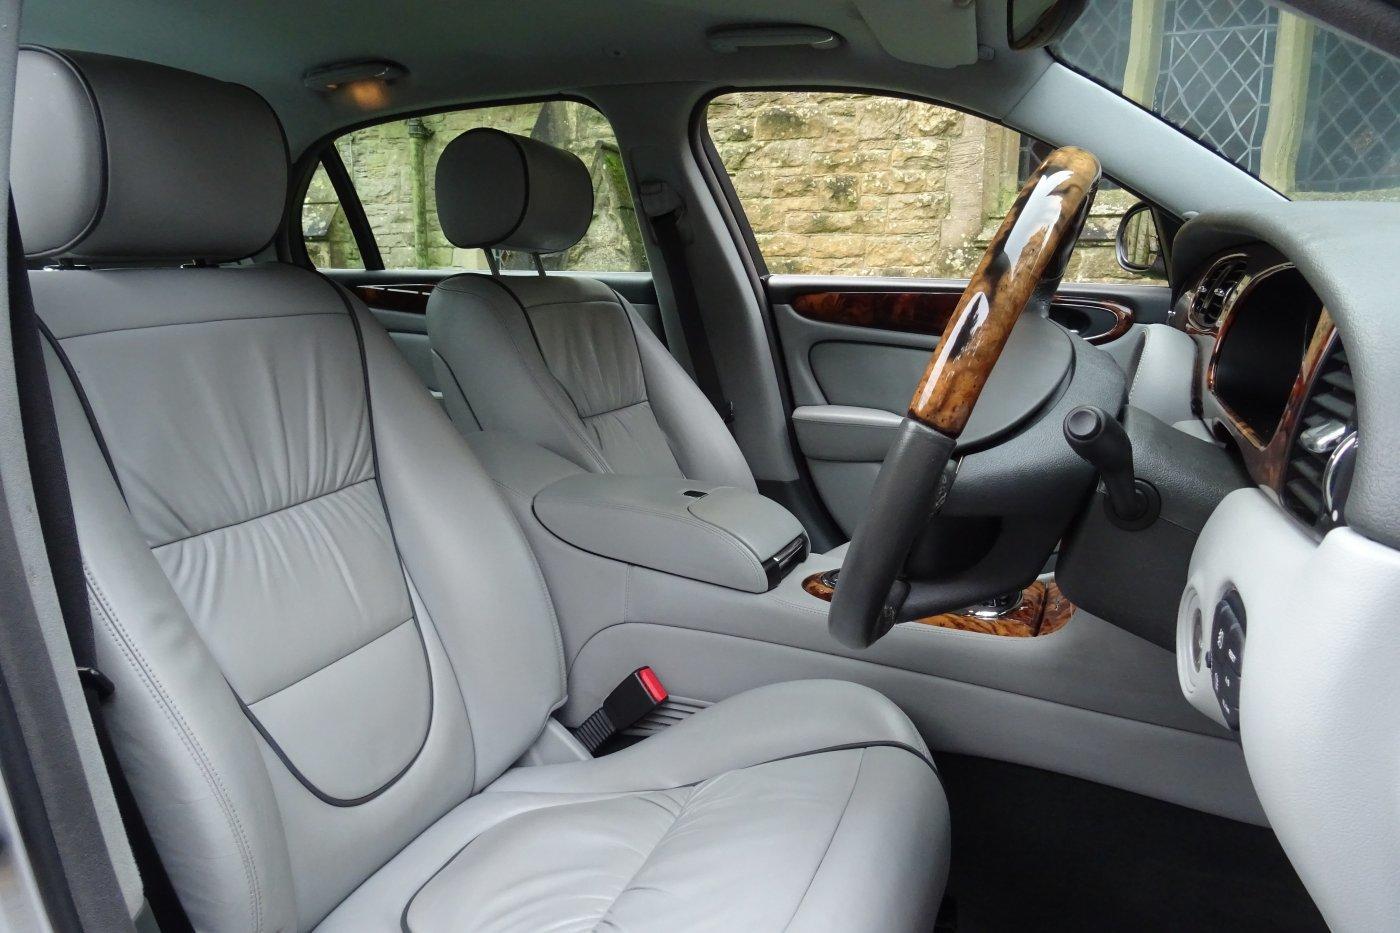 2005 JAGUAR XJ8 V8 SOVEREIGN 4DR LWB For Sale (picture 5 of 6)